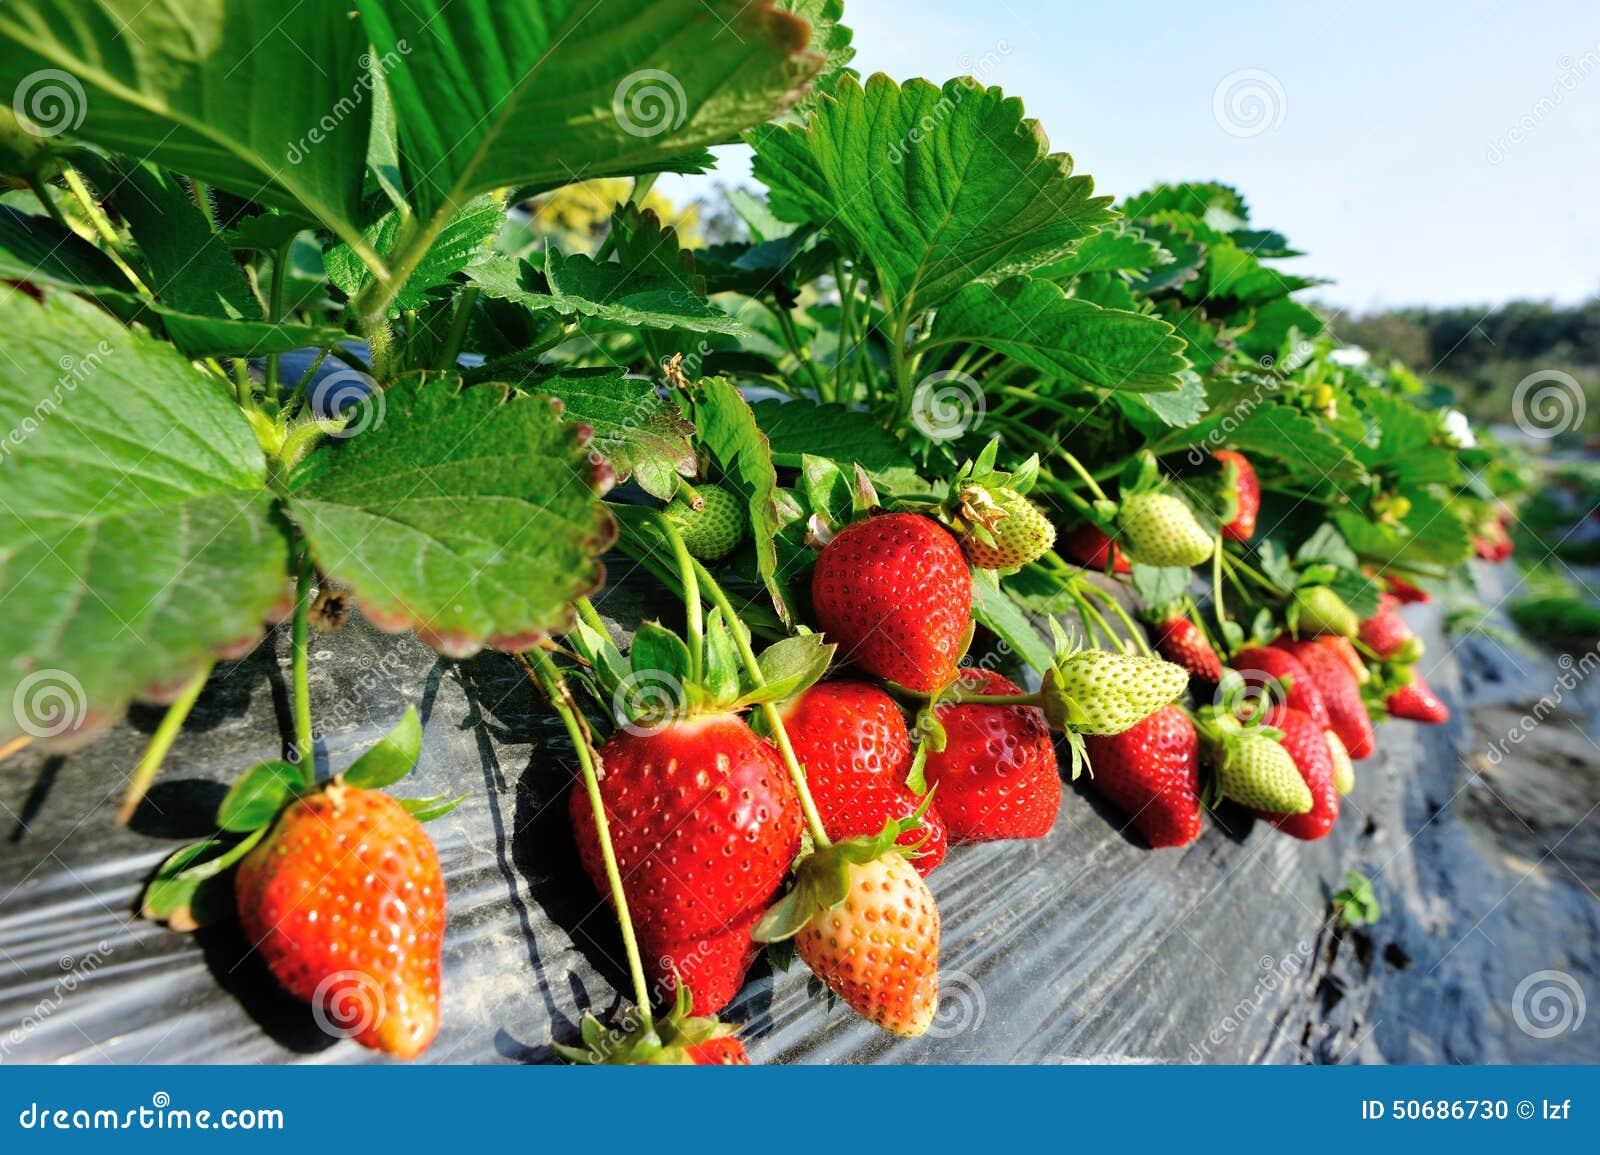 Download 红色草莓果子 库存照片. 图片 包括有 庄稼, 问题的, 草莓, 庭院, 本质, 复制, 有机, 没人, 红色 - 50686730